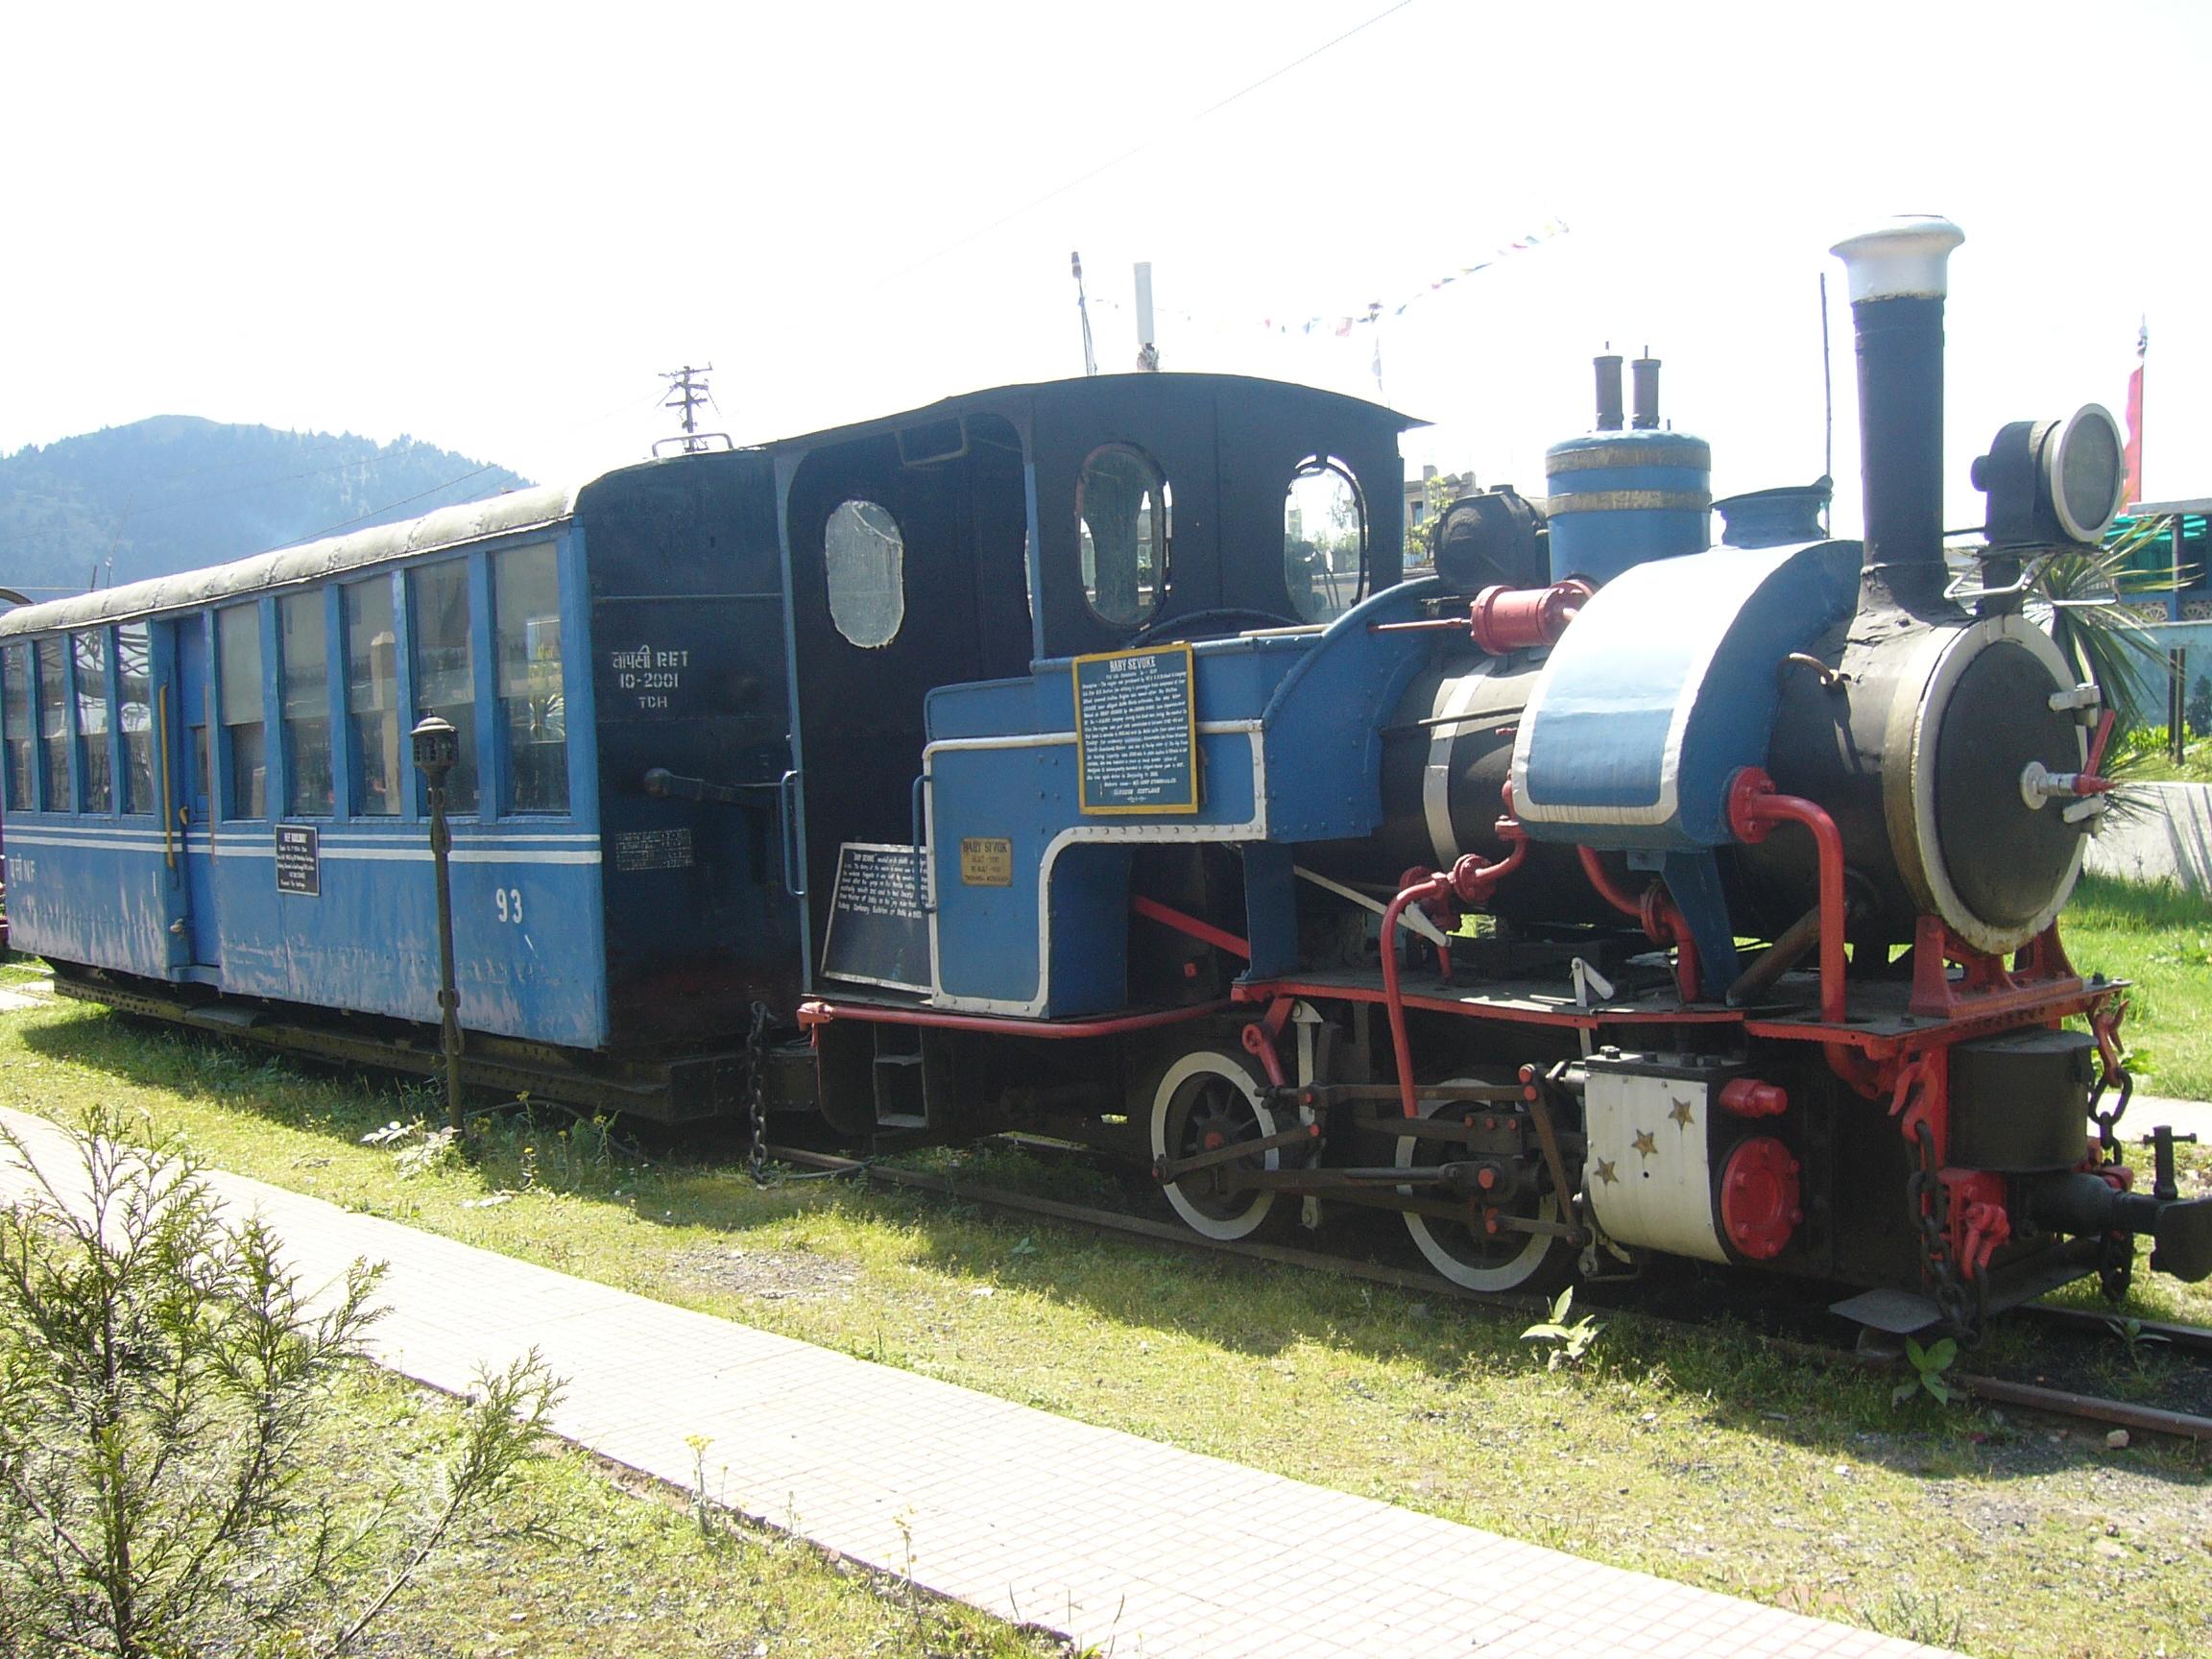 Toy train in darjeeling booking